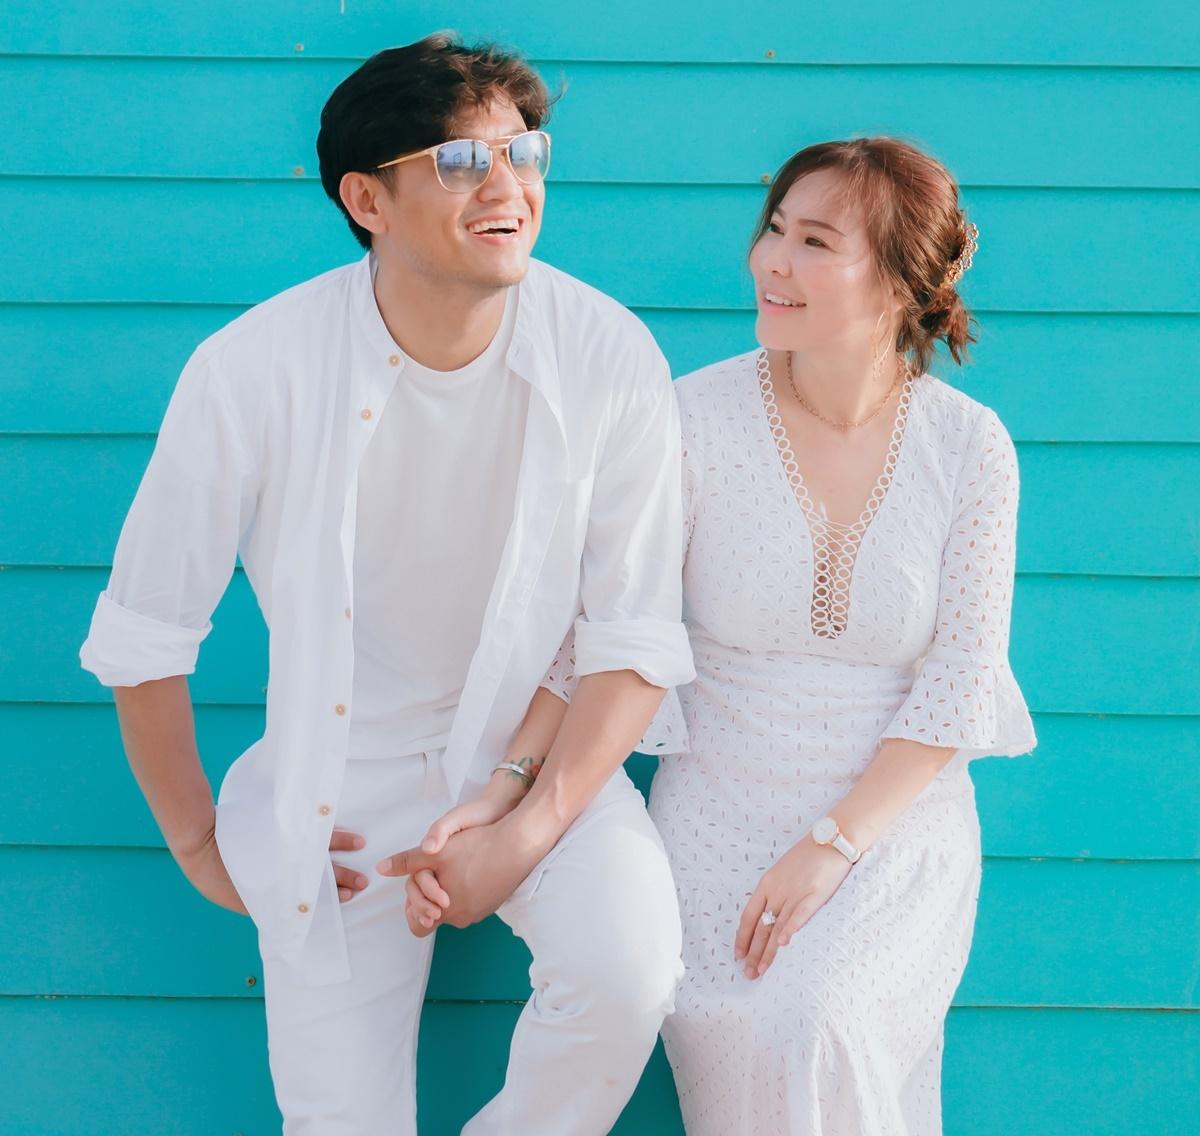 Quý Bình trưởng thành hơn sau khi cưới Ngọc Tiền.